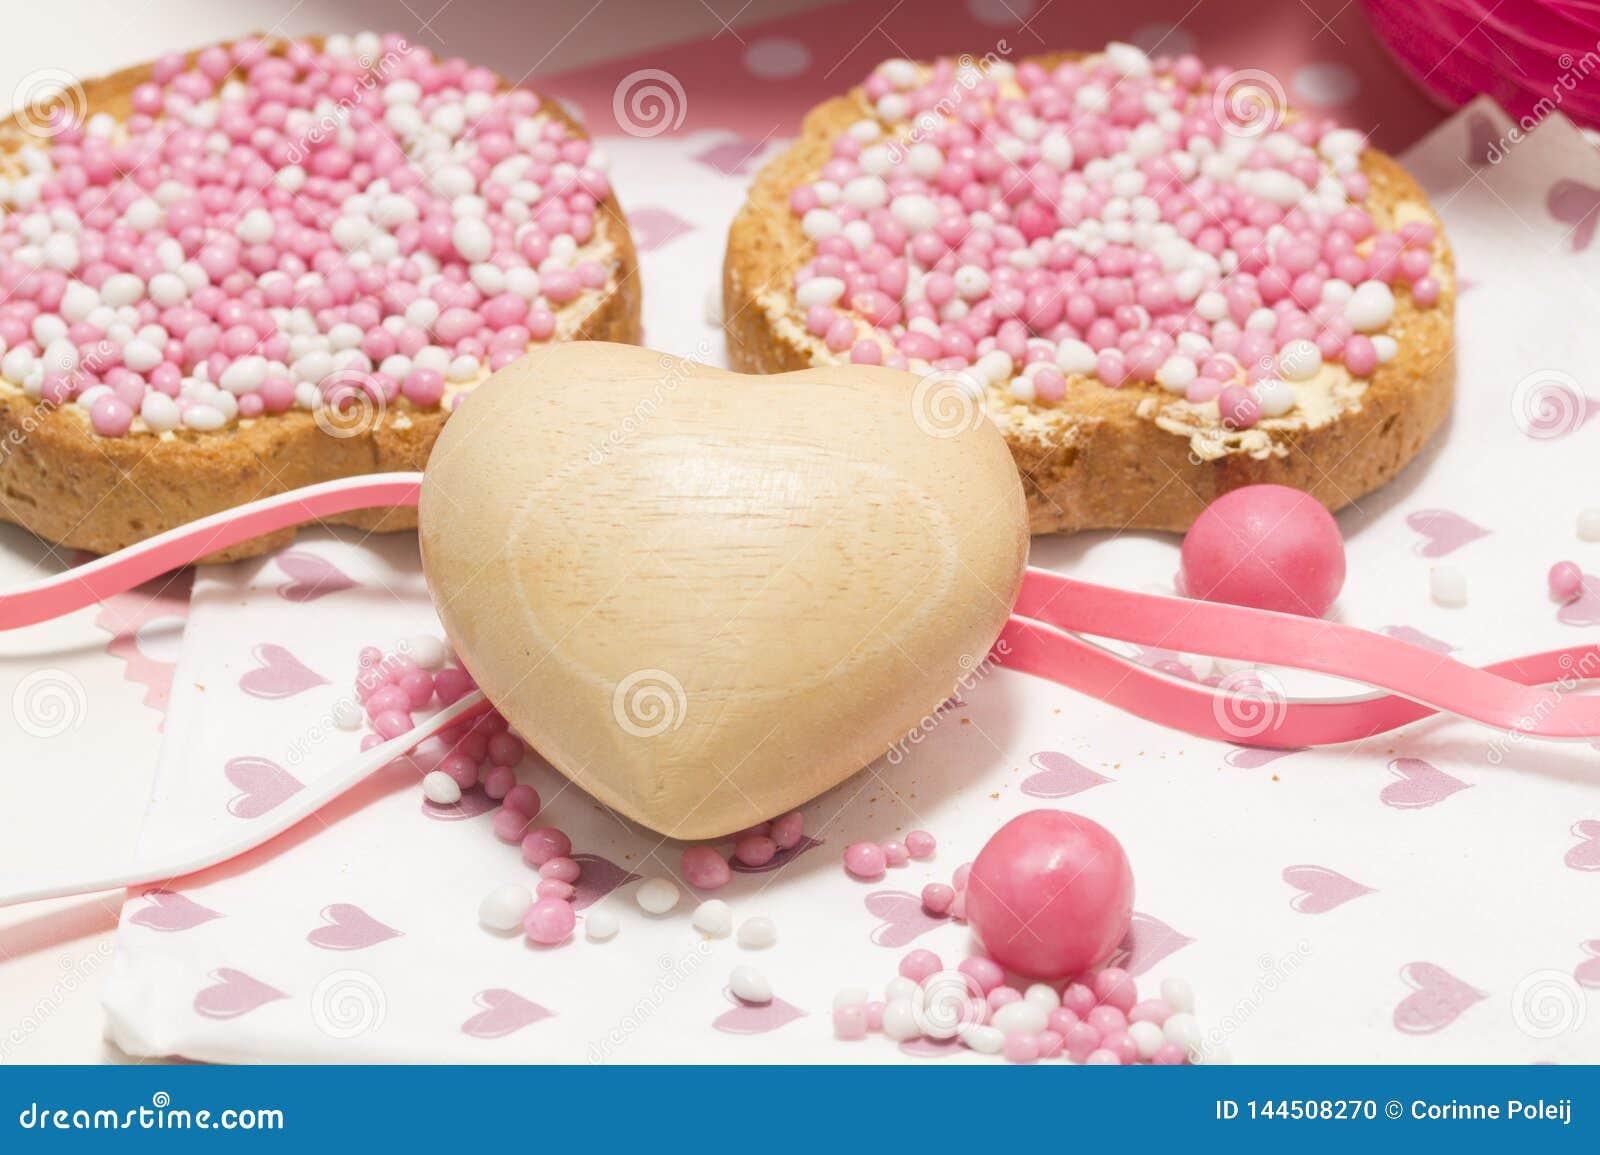 De beschuit met roze anijszaadballen, muisjes, het typische Nederlands behandelt wanneer een babymeisje in Nederland geboren is